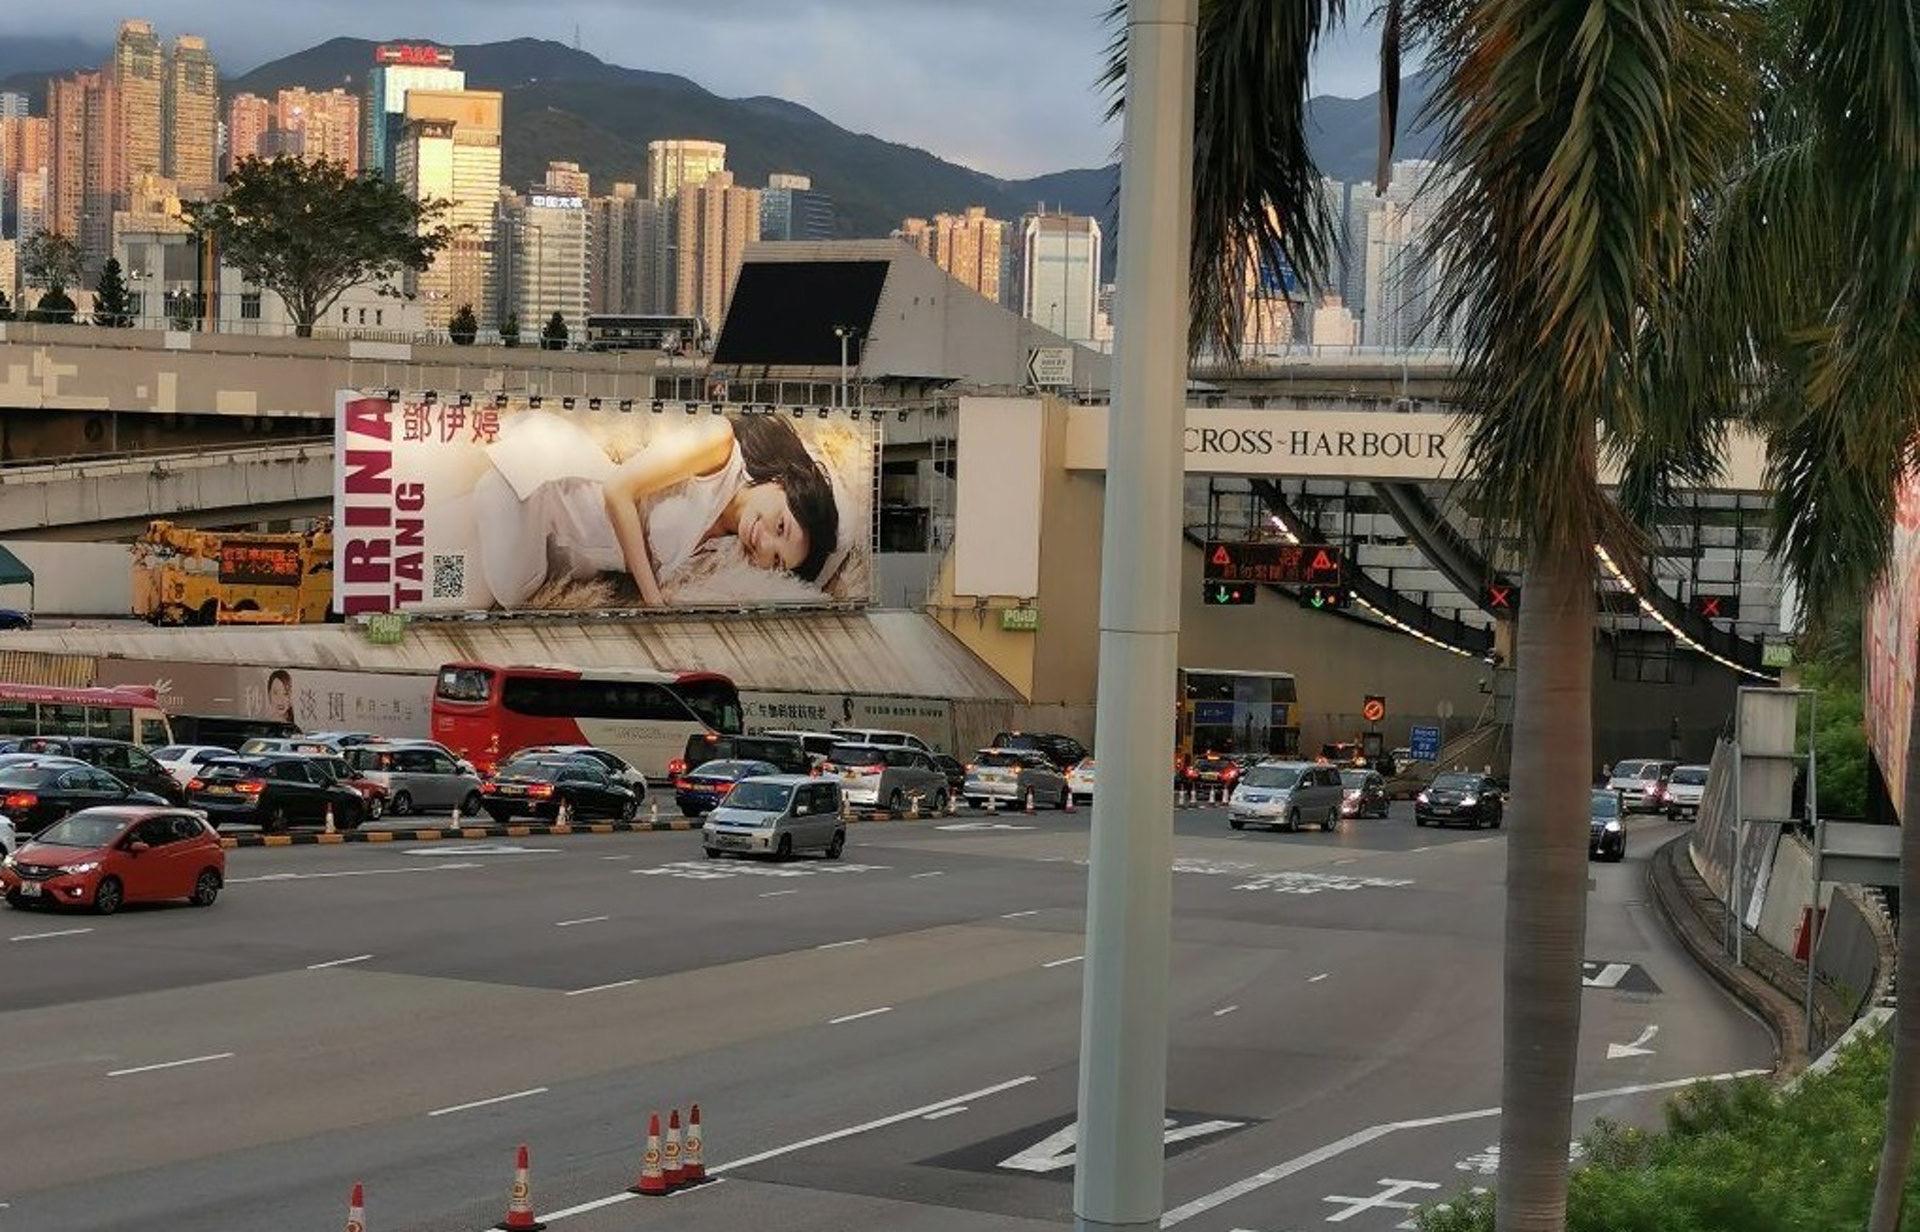 厲害!31歲TVB小花鄧伊婷獲神祕人投放巨型廣告牌,預計花費百萬